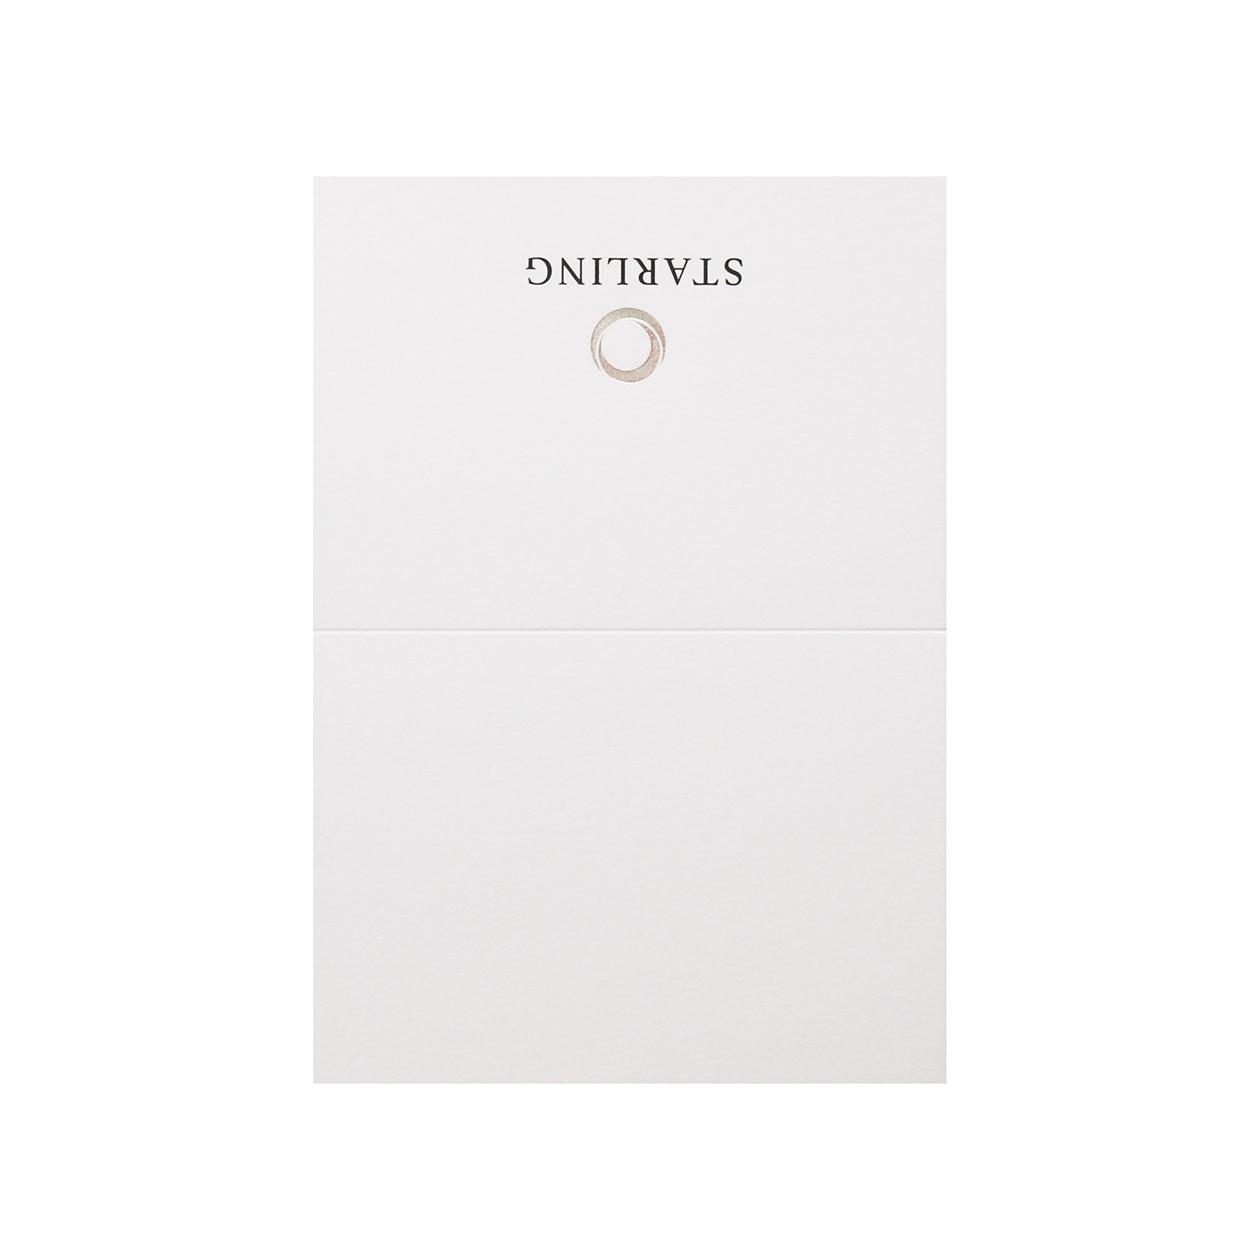 サンプル カード・シート 00314